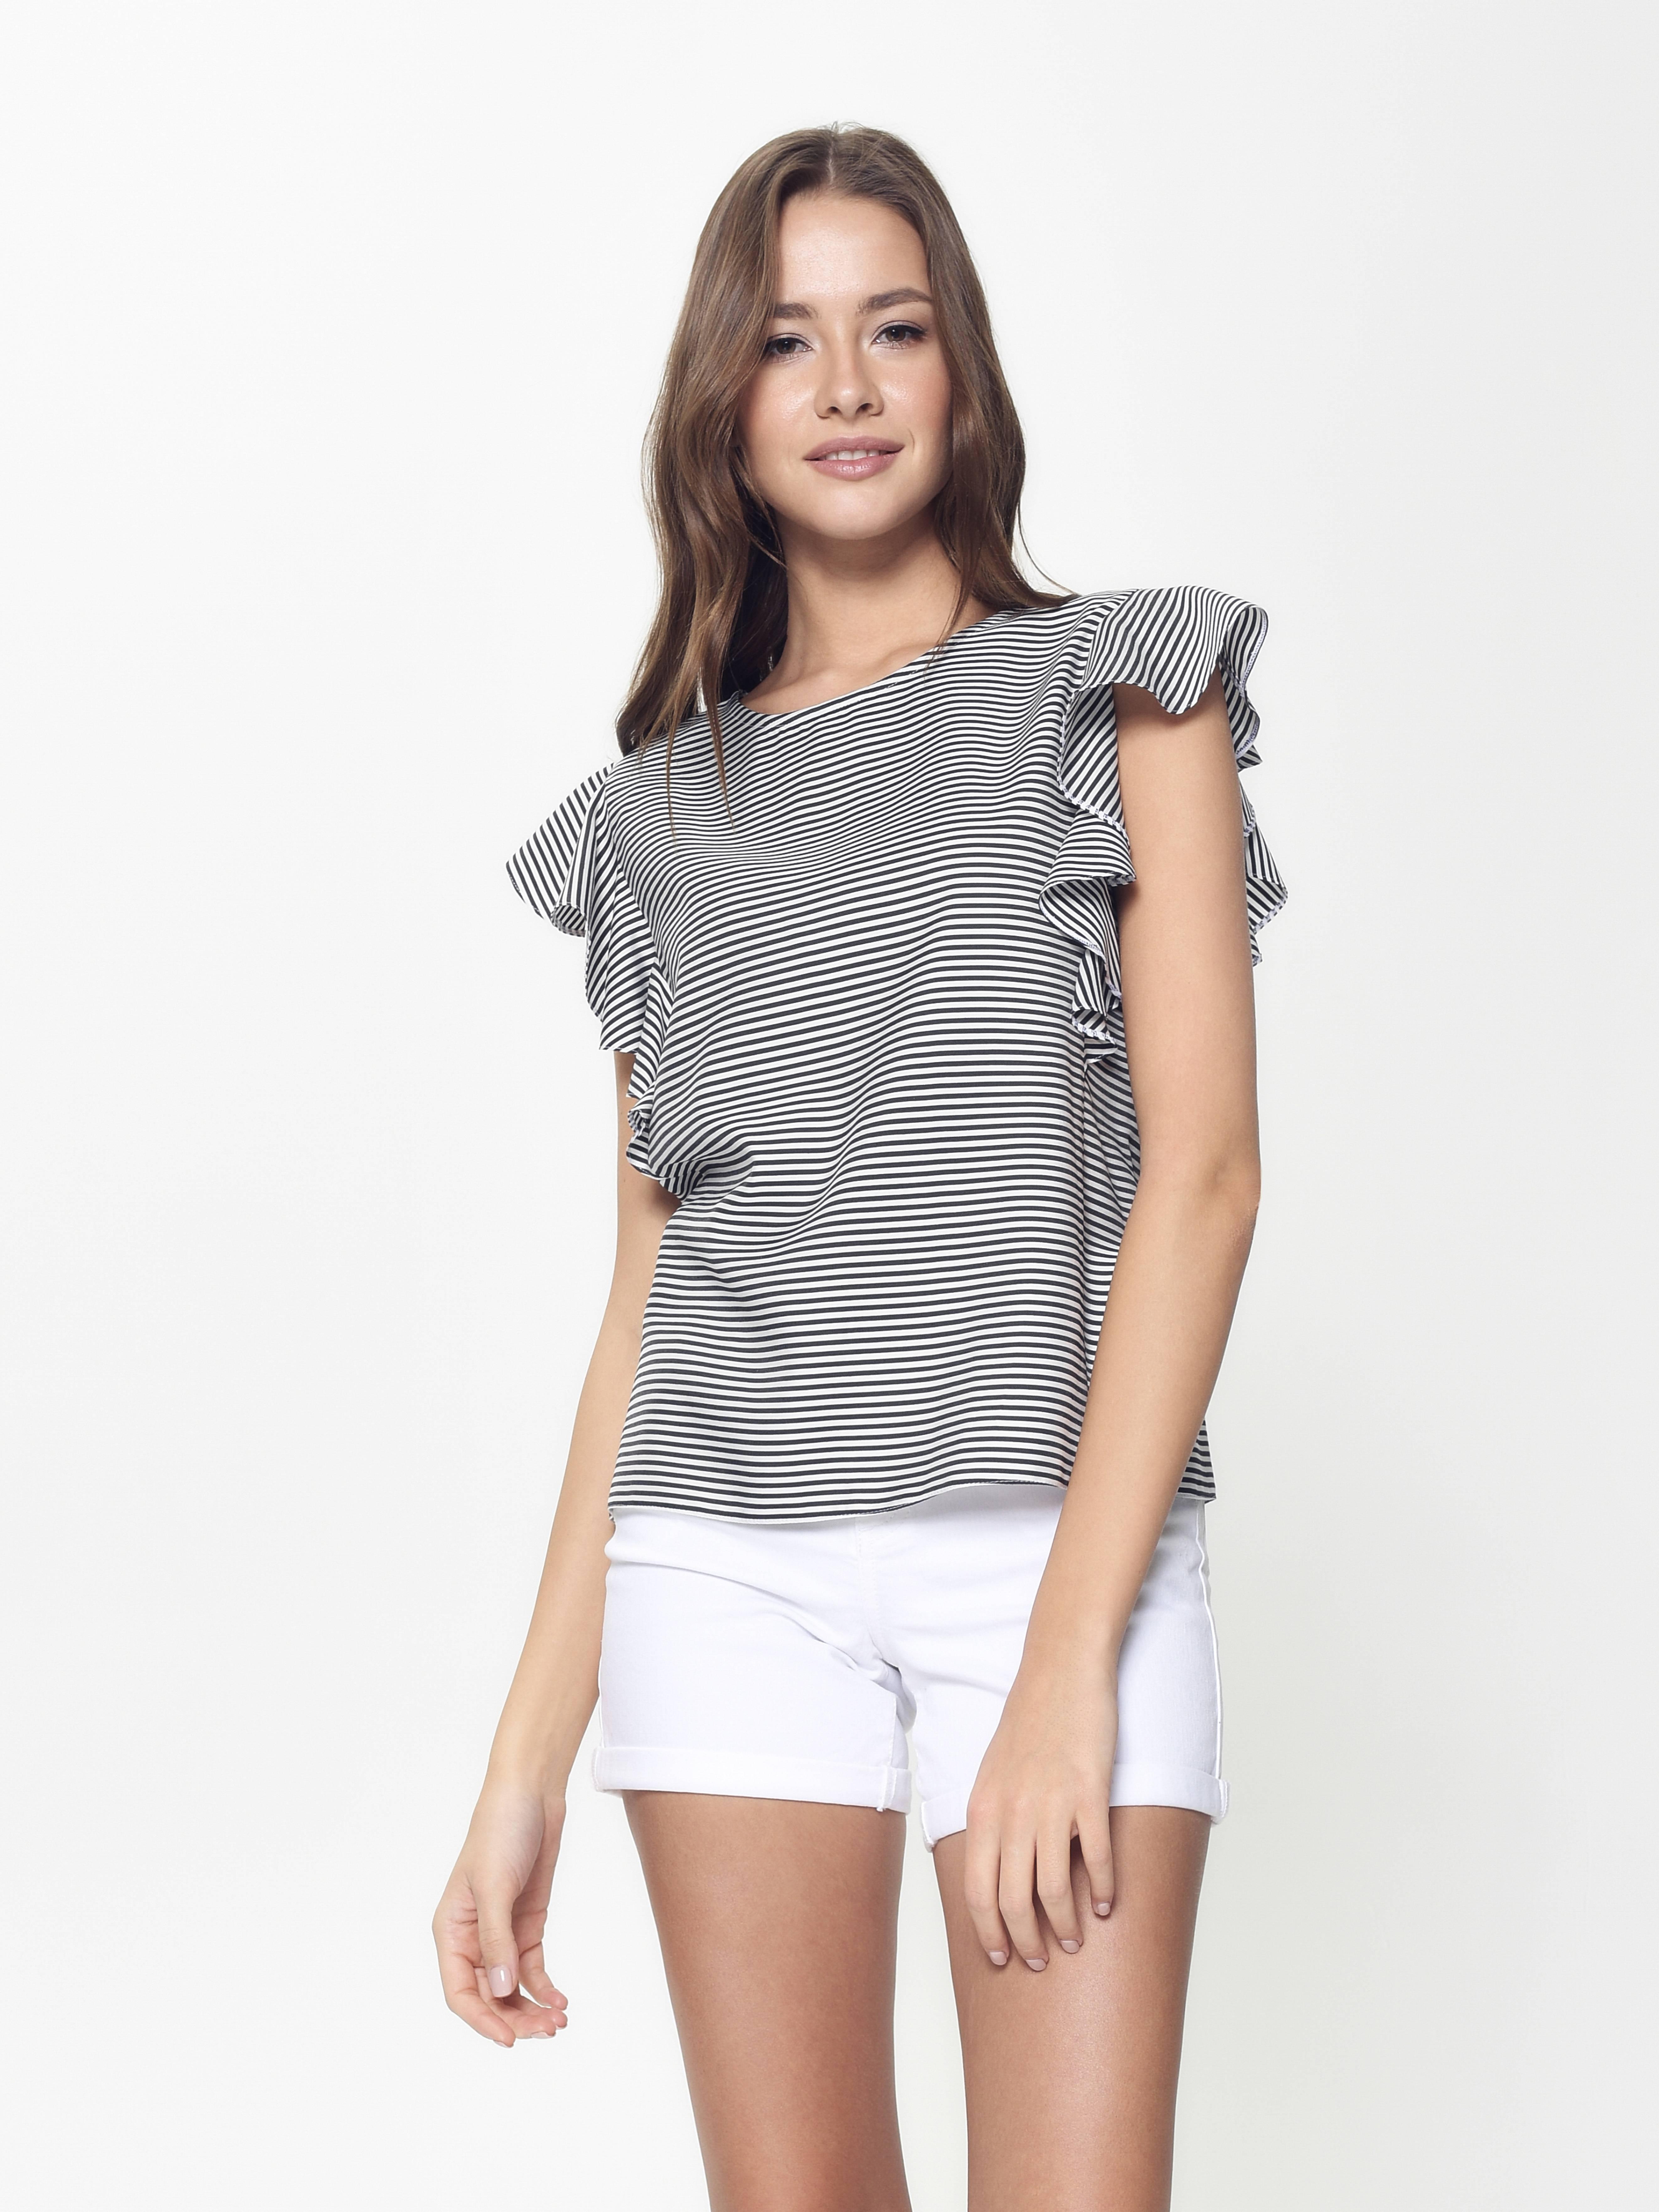 Блузка женская ⭐️ Ультрамодная шелковистая блузка с воланами LBL 909 ⭐️